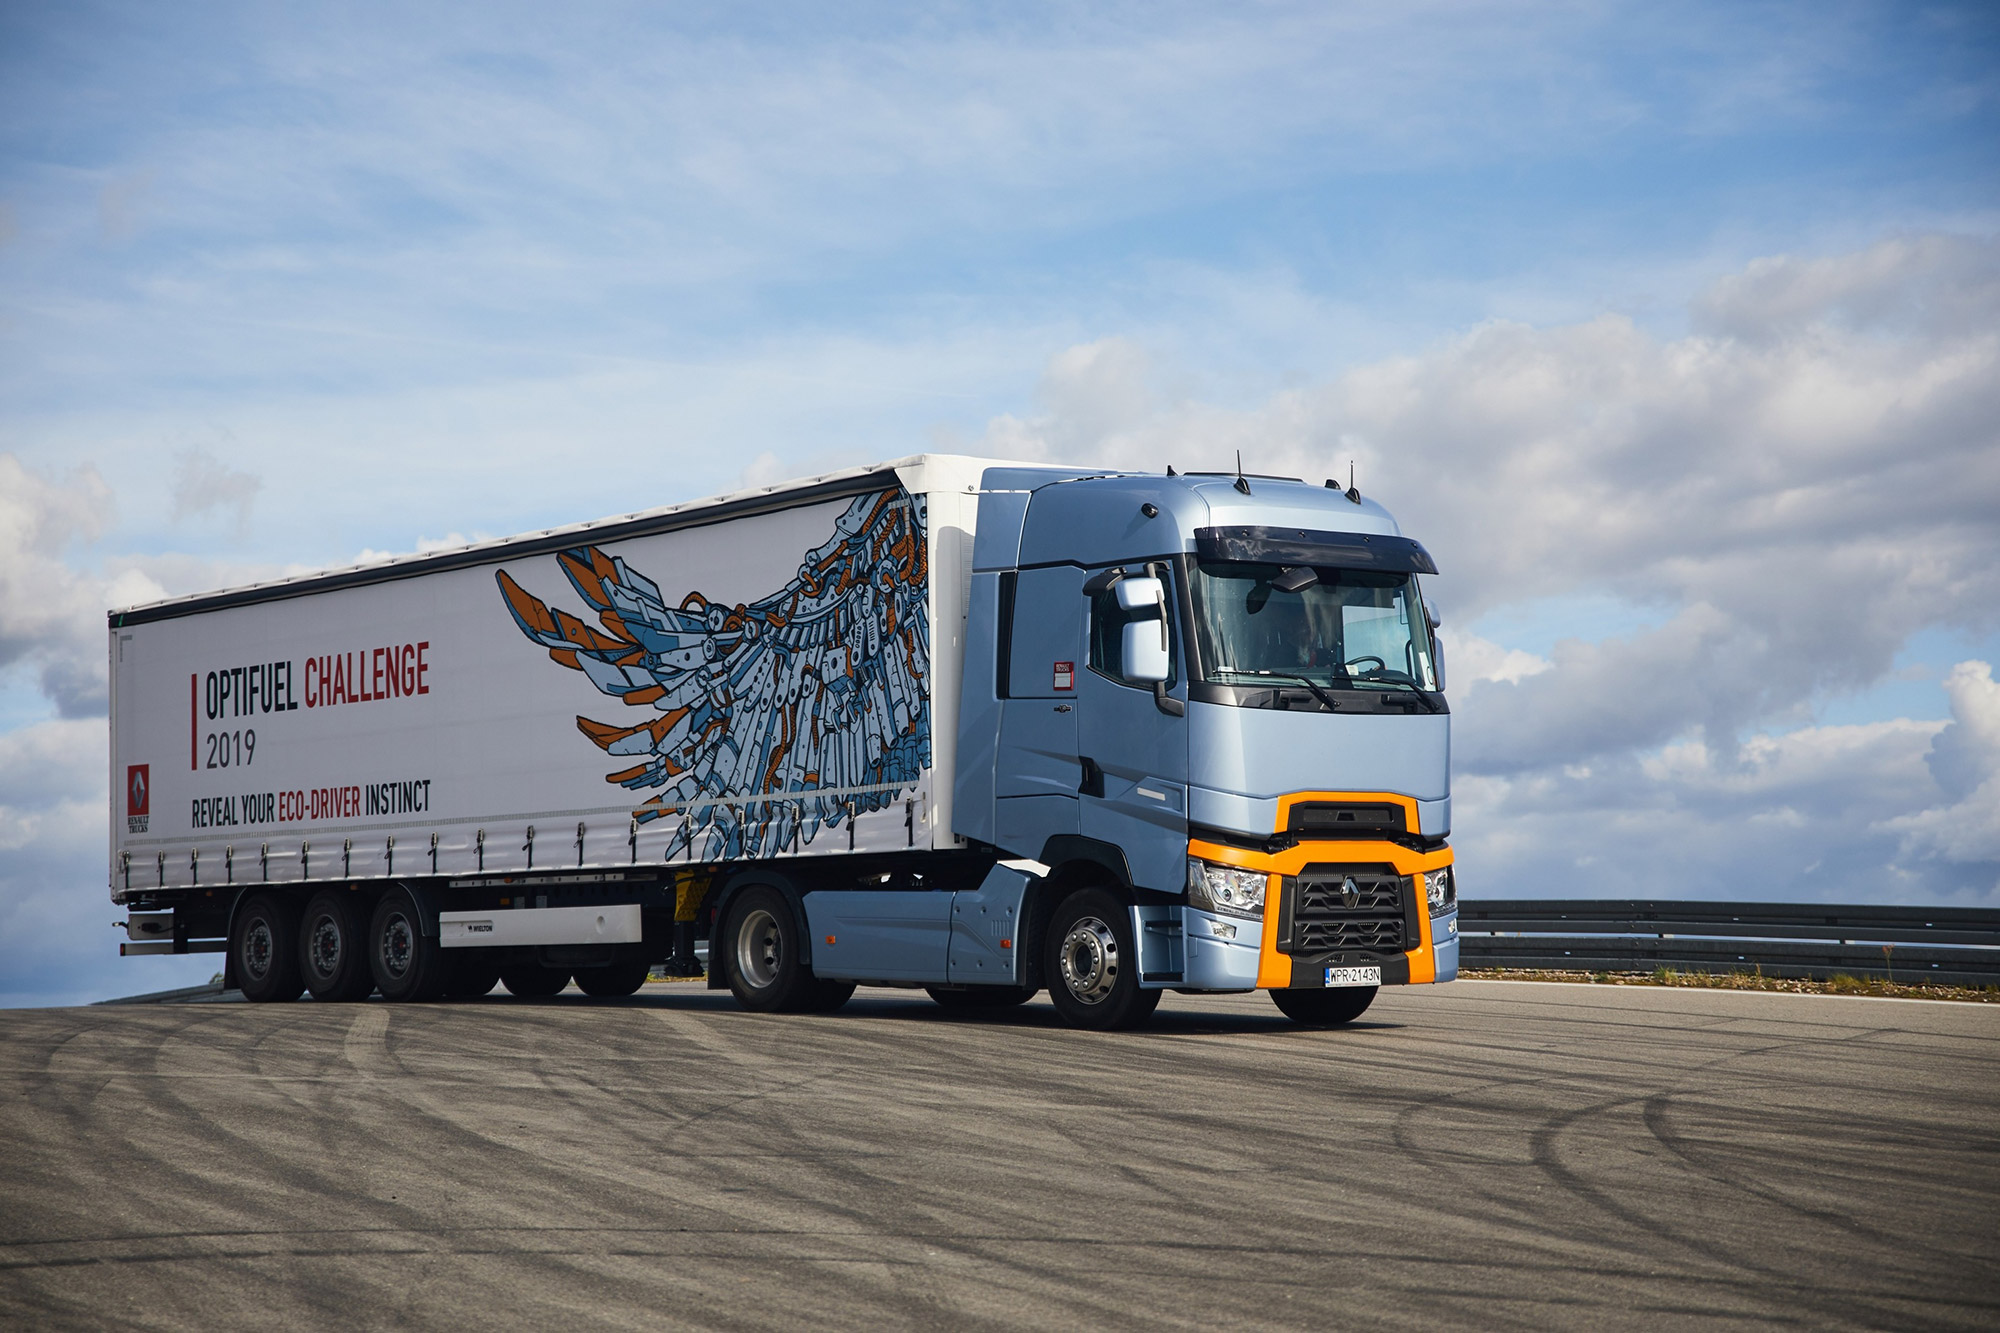 renault-trucks-optifuel-challenge.jpg